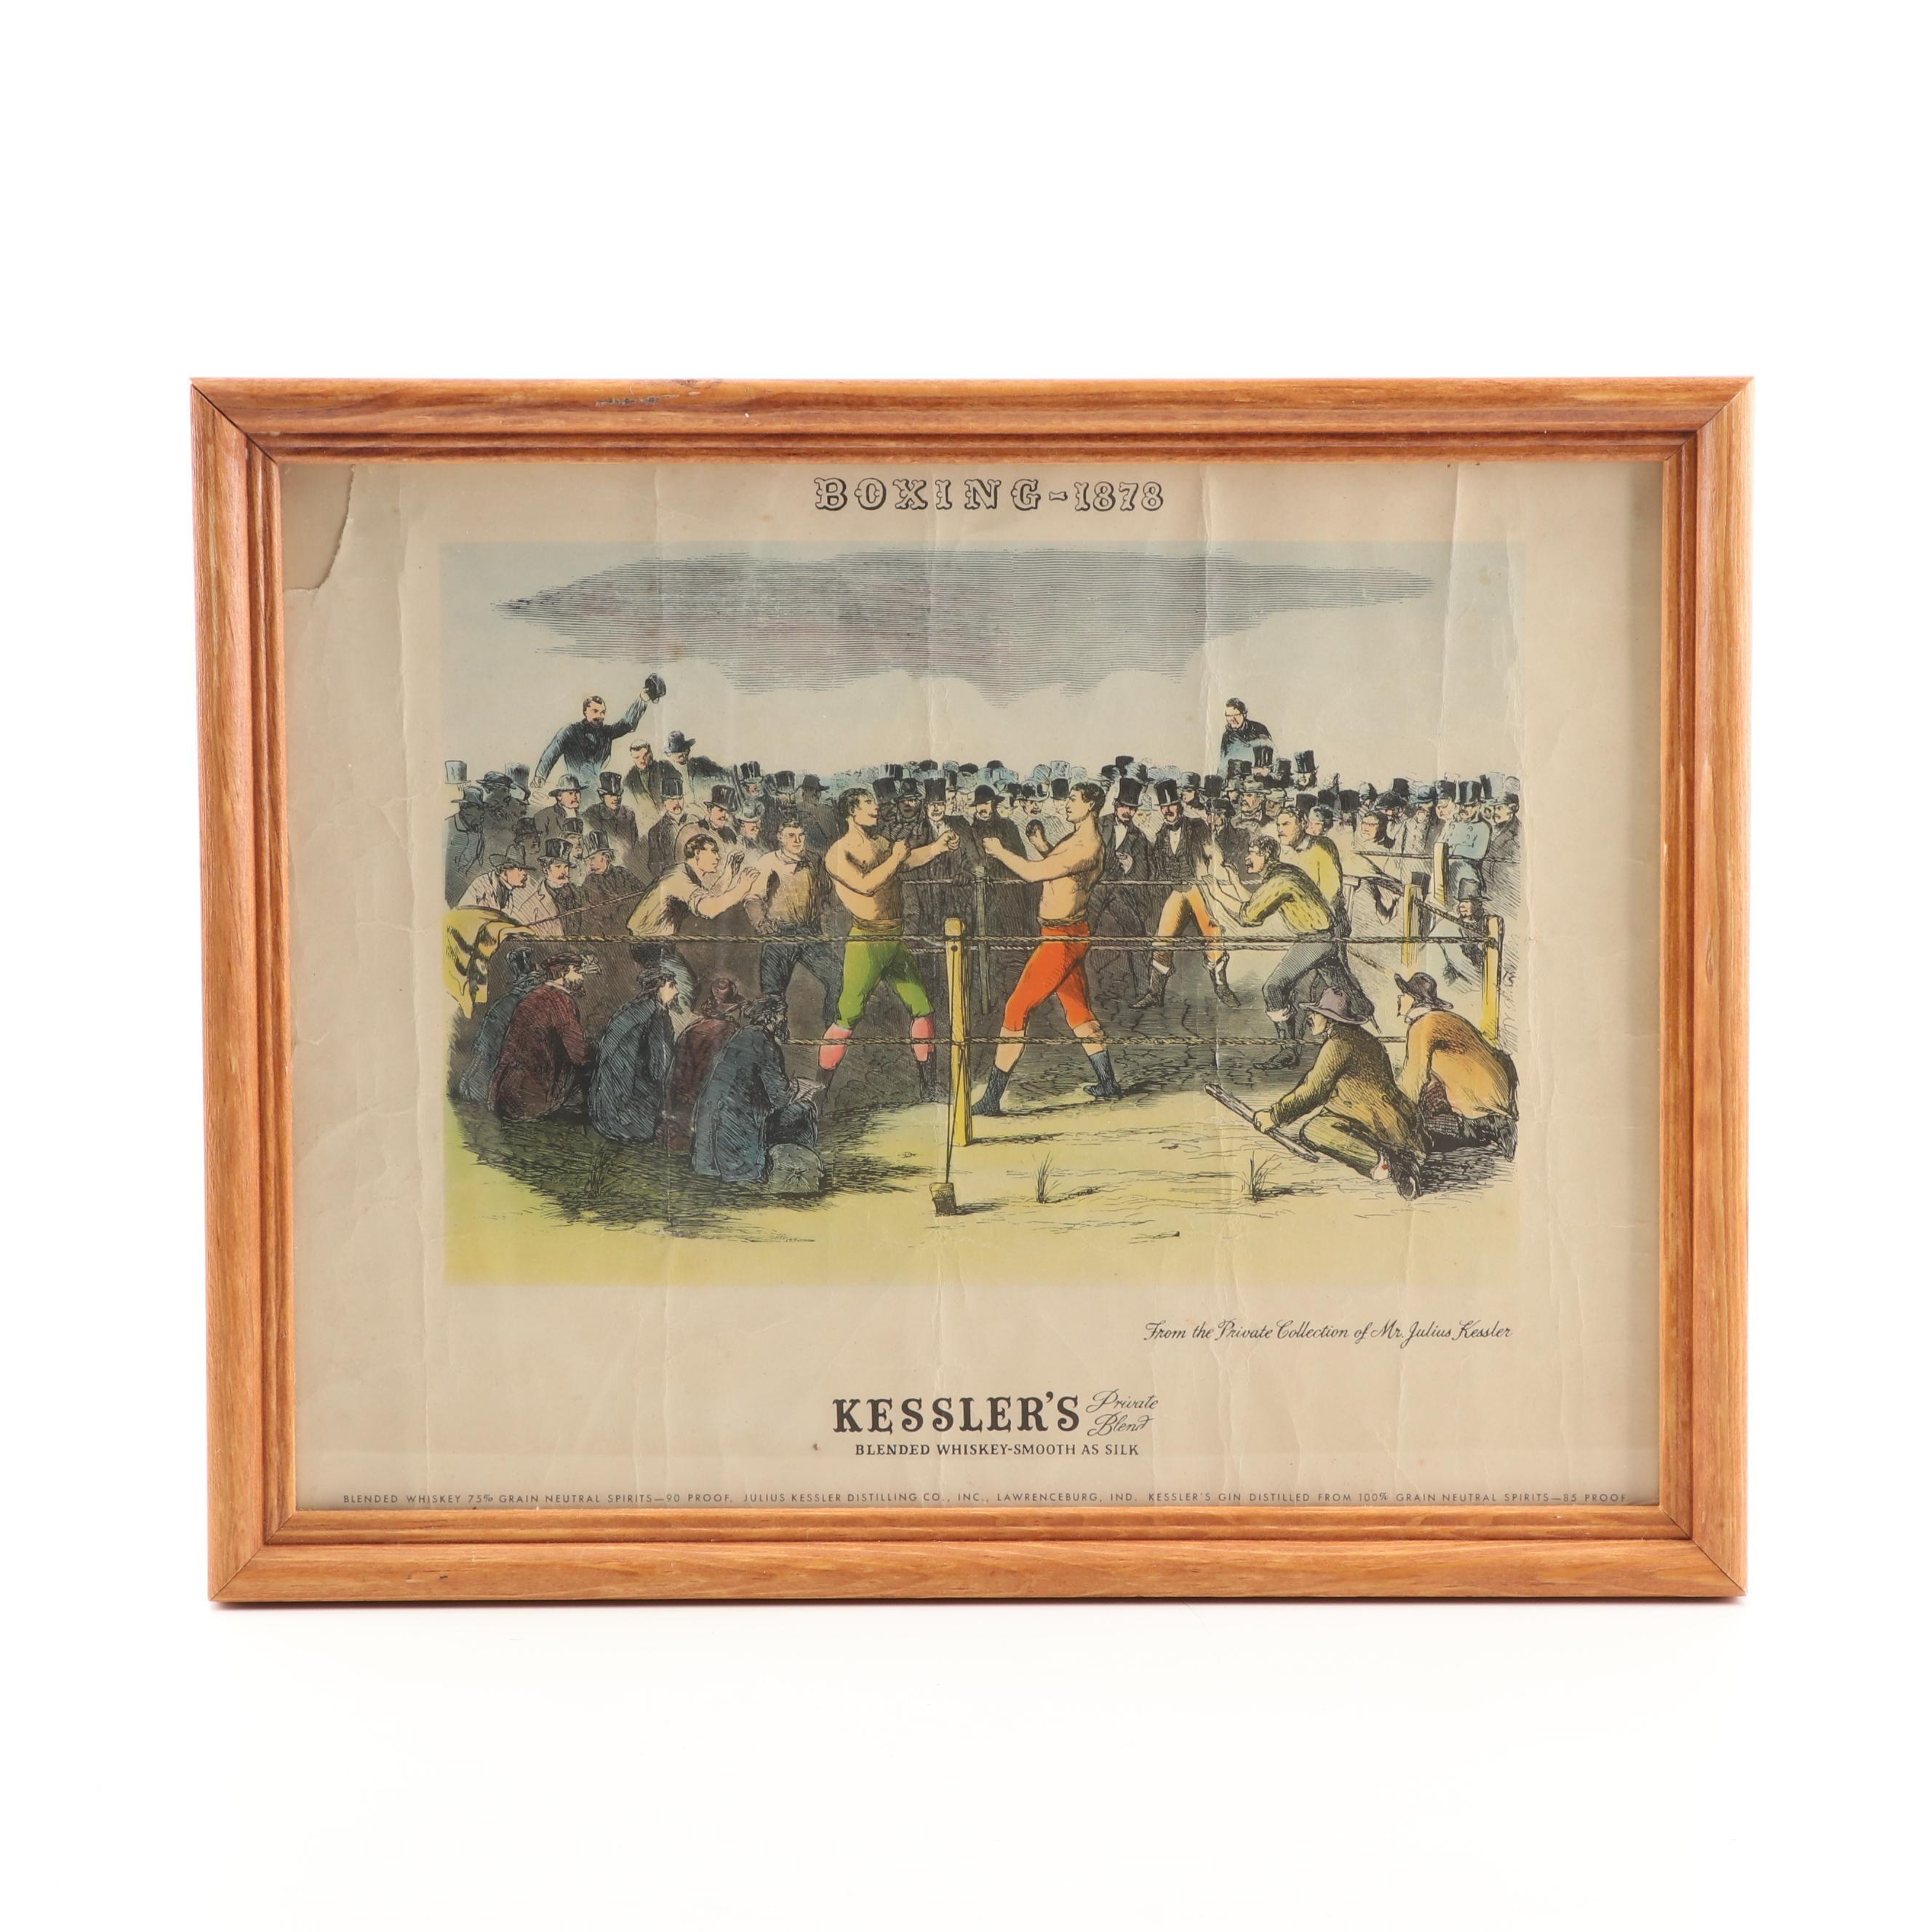 Kessler's Whiskey Advertisement, Vintage